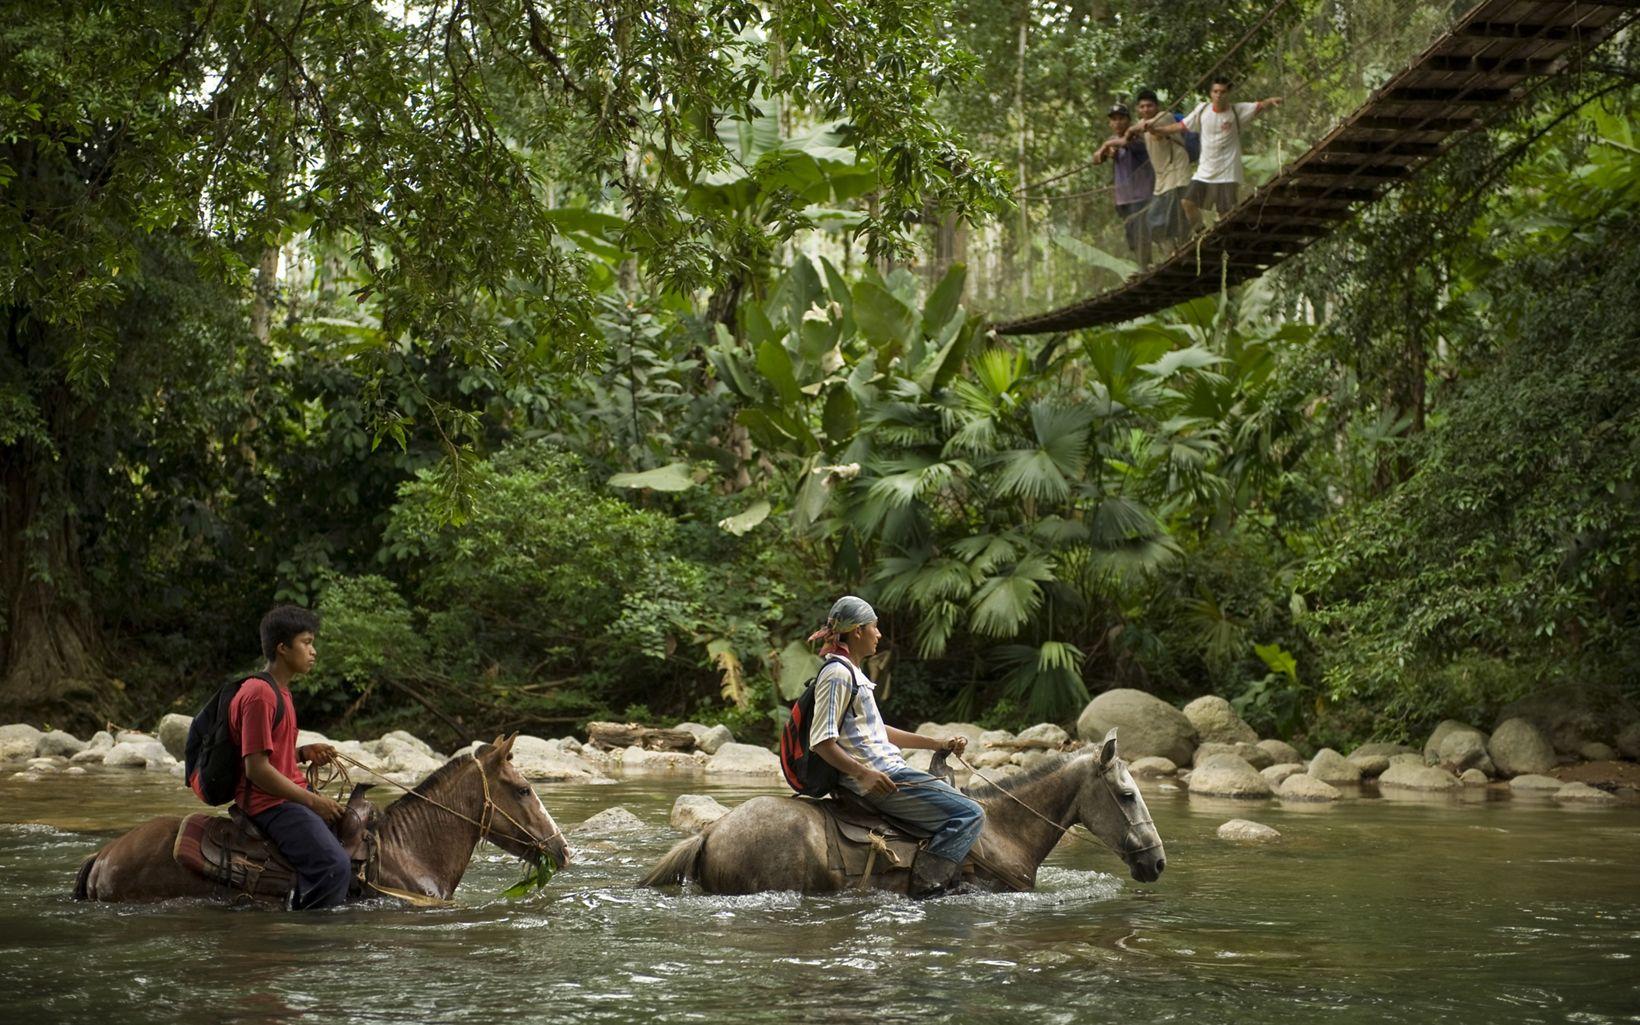 jovenes en caballo en u río en Costa Rica